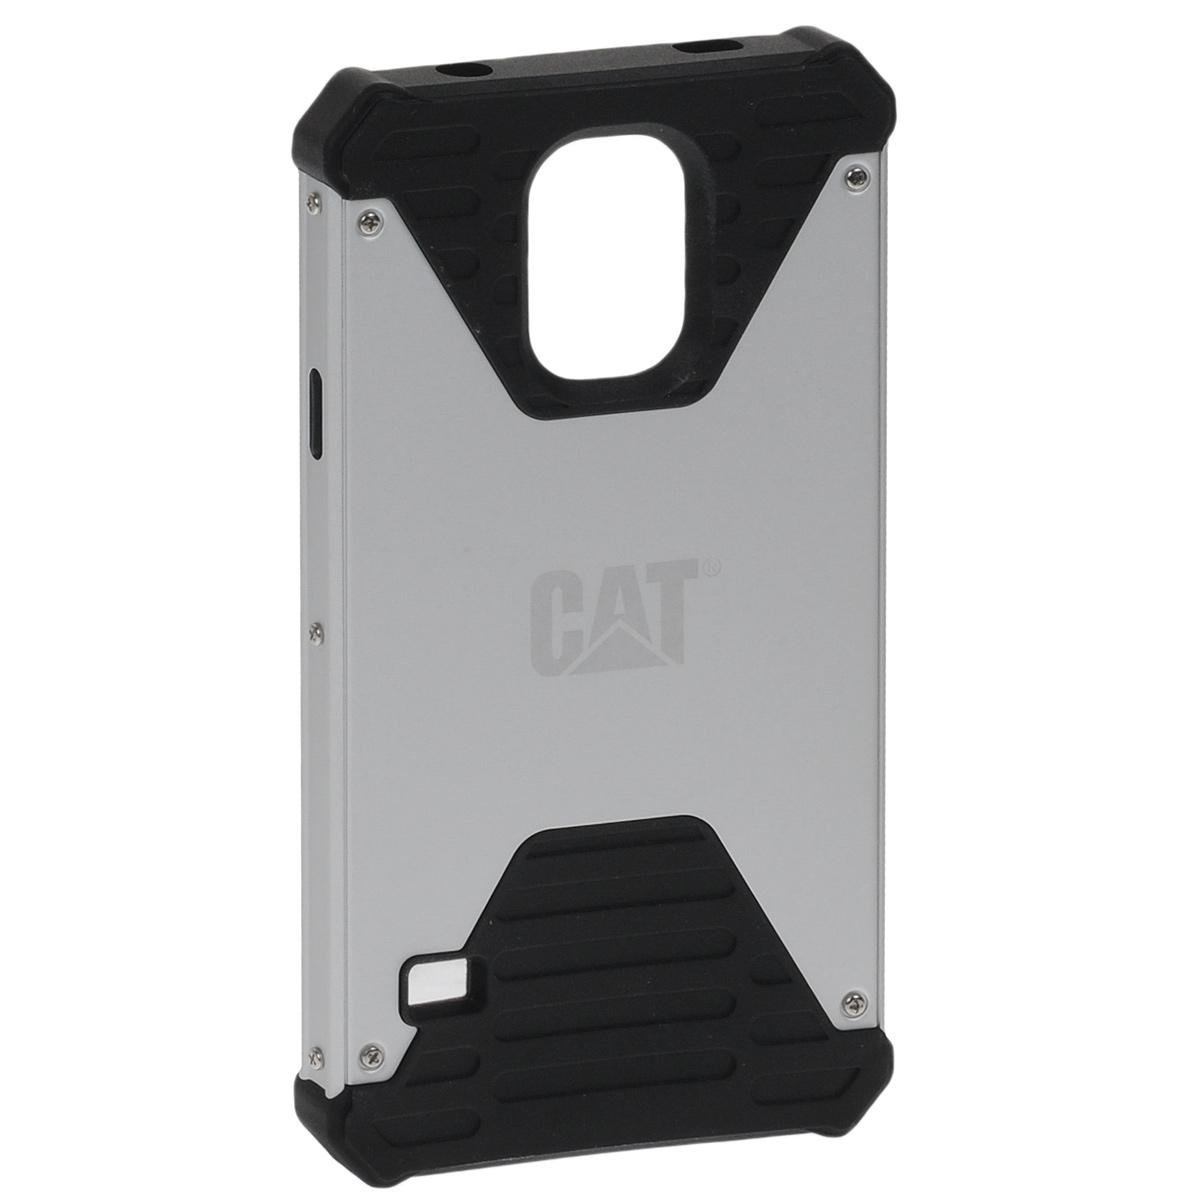 Caterpillar Active Signature противоударный чехол для Samsung Galaxy S5CSCA-BLSI-GS5-0A3Особо прочный чехол Caterpillar Active Signature для Samsung Galaxy S5, изготовленный из ударопрочного материала SAIF и имеет заднюю панель из анодированного алюминия. Изделие включает защитную пленку из термополиуретана, обеспечивая защиту вашего телефона со всех сторон. SAIF - активный материал, отличающийся повышенной эффективностью при поглощении ударов и защите от ударных воздействий! Ударопрочный чехол поможет защитить ваш телефон при падении с высоты до 1,8 метра. Чехол изготовлен из материала SAIF, который используется для производства средств индивидуальной защиты мотоциклистов. Линейка особо прочных чехлов Active отвечает требованиям современного стремительного ритма жизни, подтверждая репутацию компании Caterpillar как поставщика надежных и высококачественных изделий.